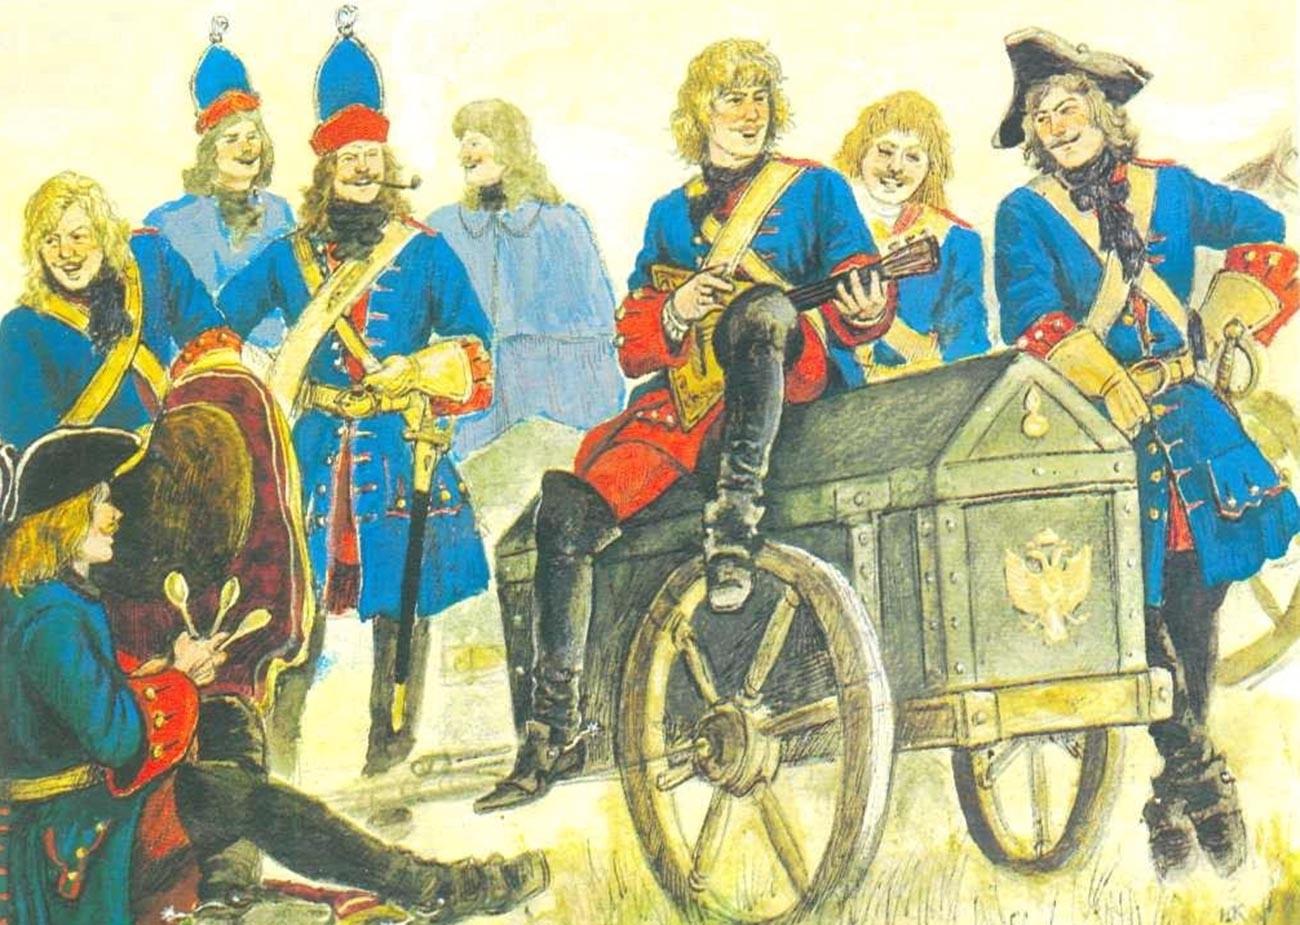 Vsakdanja scena z balalajkarji in tekstopisci. Ilustracija iz knjige